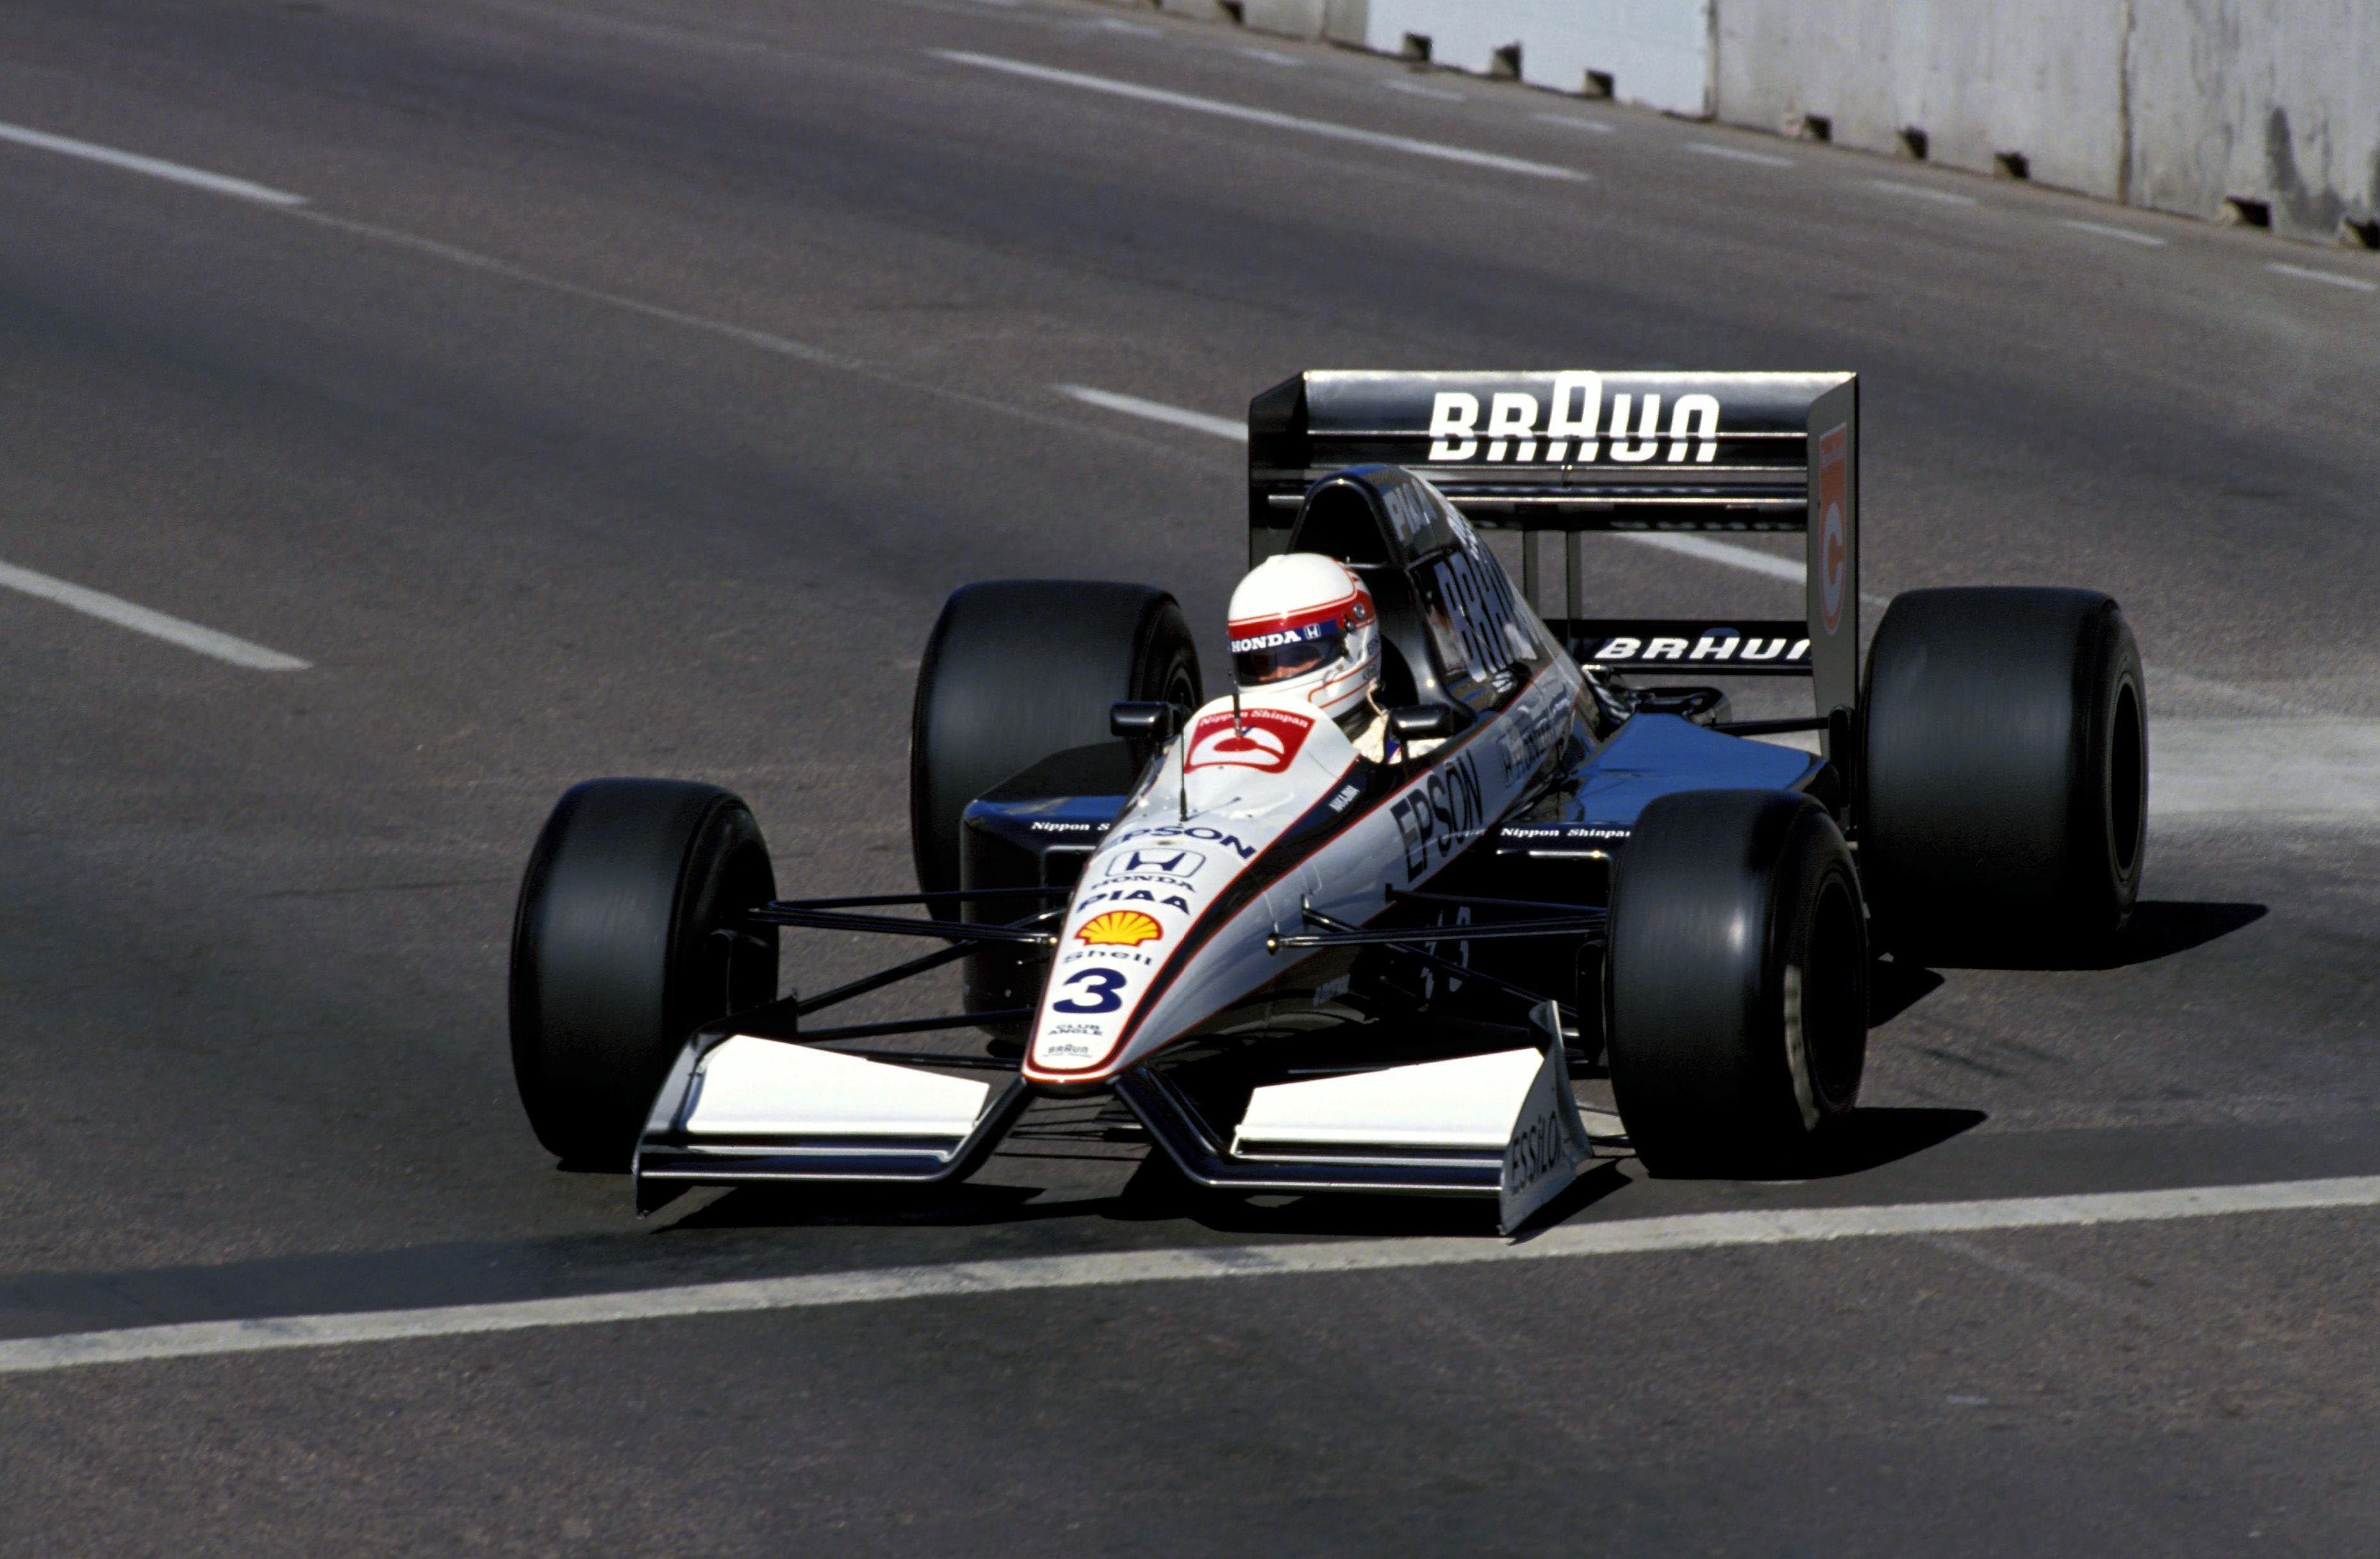 Image result for tyrrell honda 1991